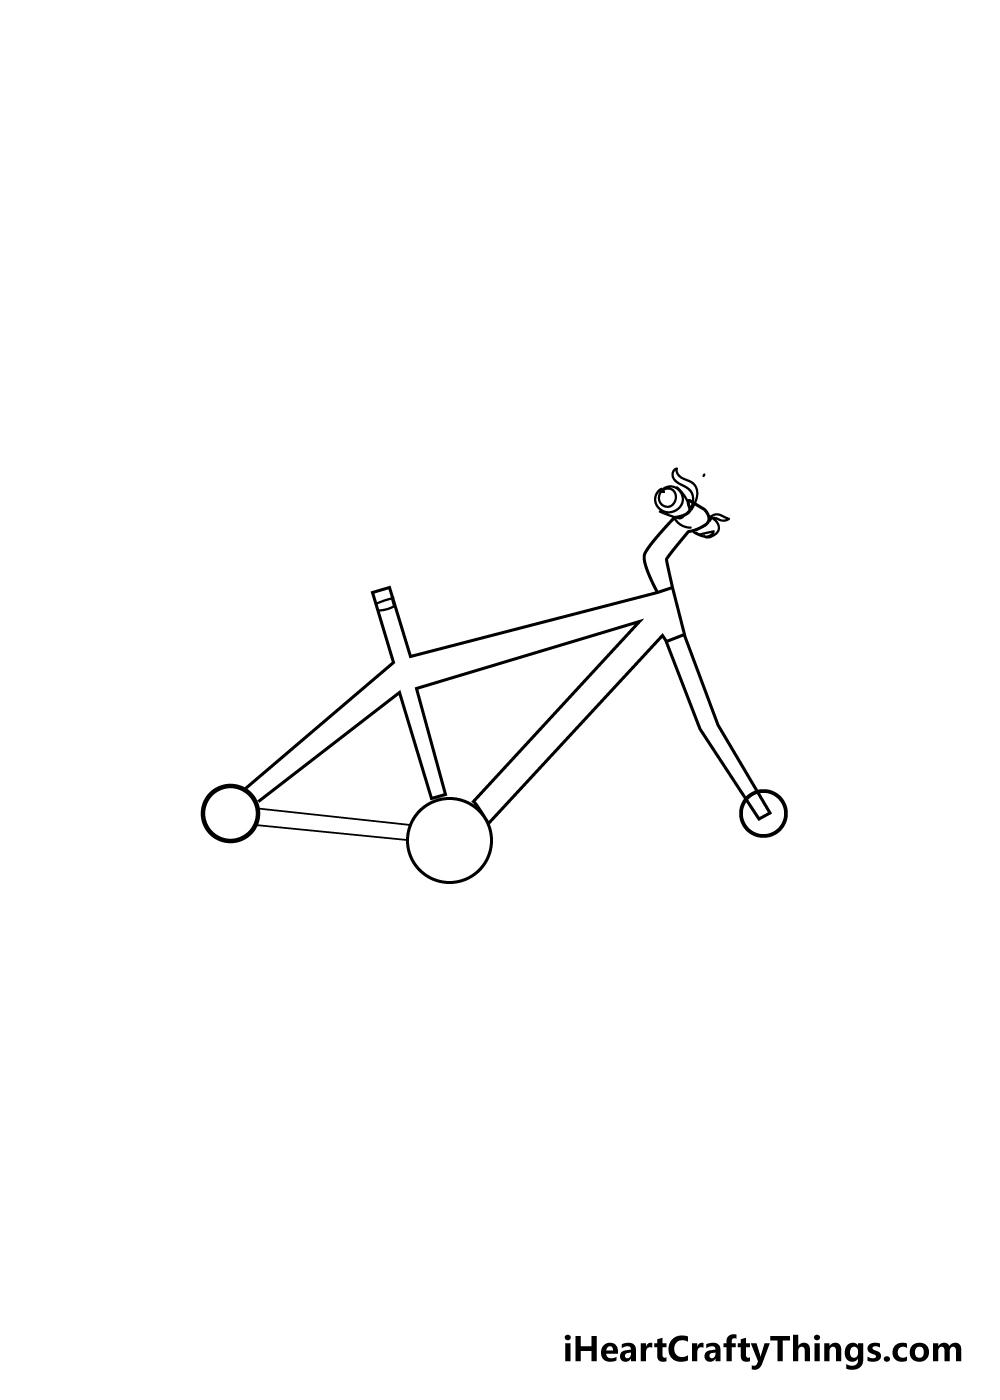 bike drawing step 4